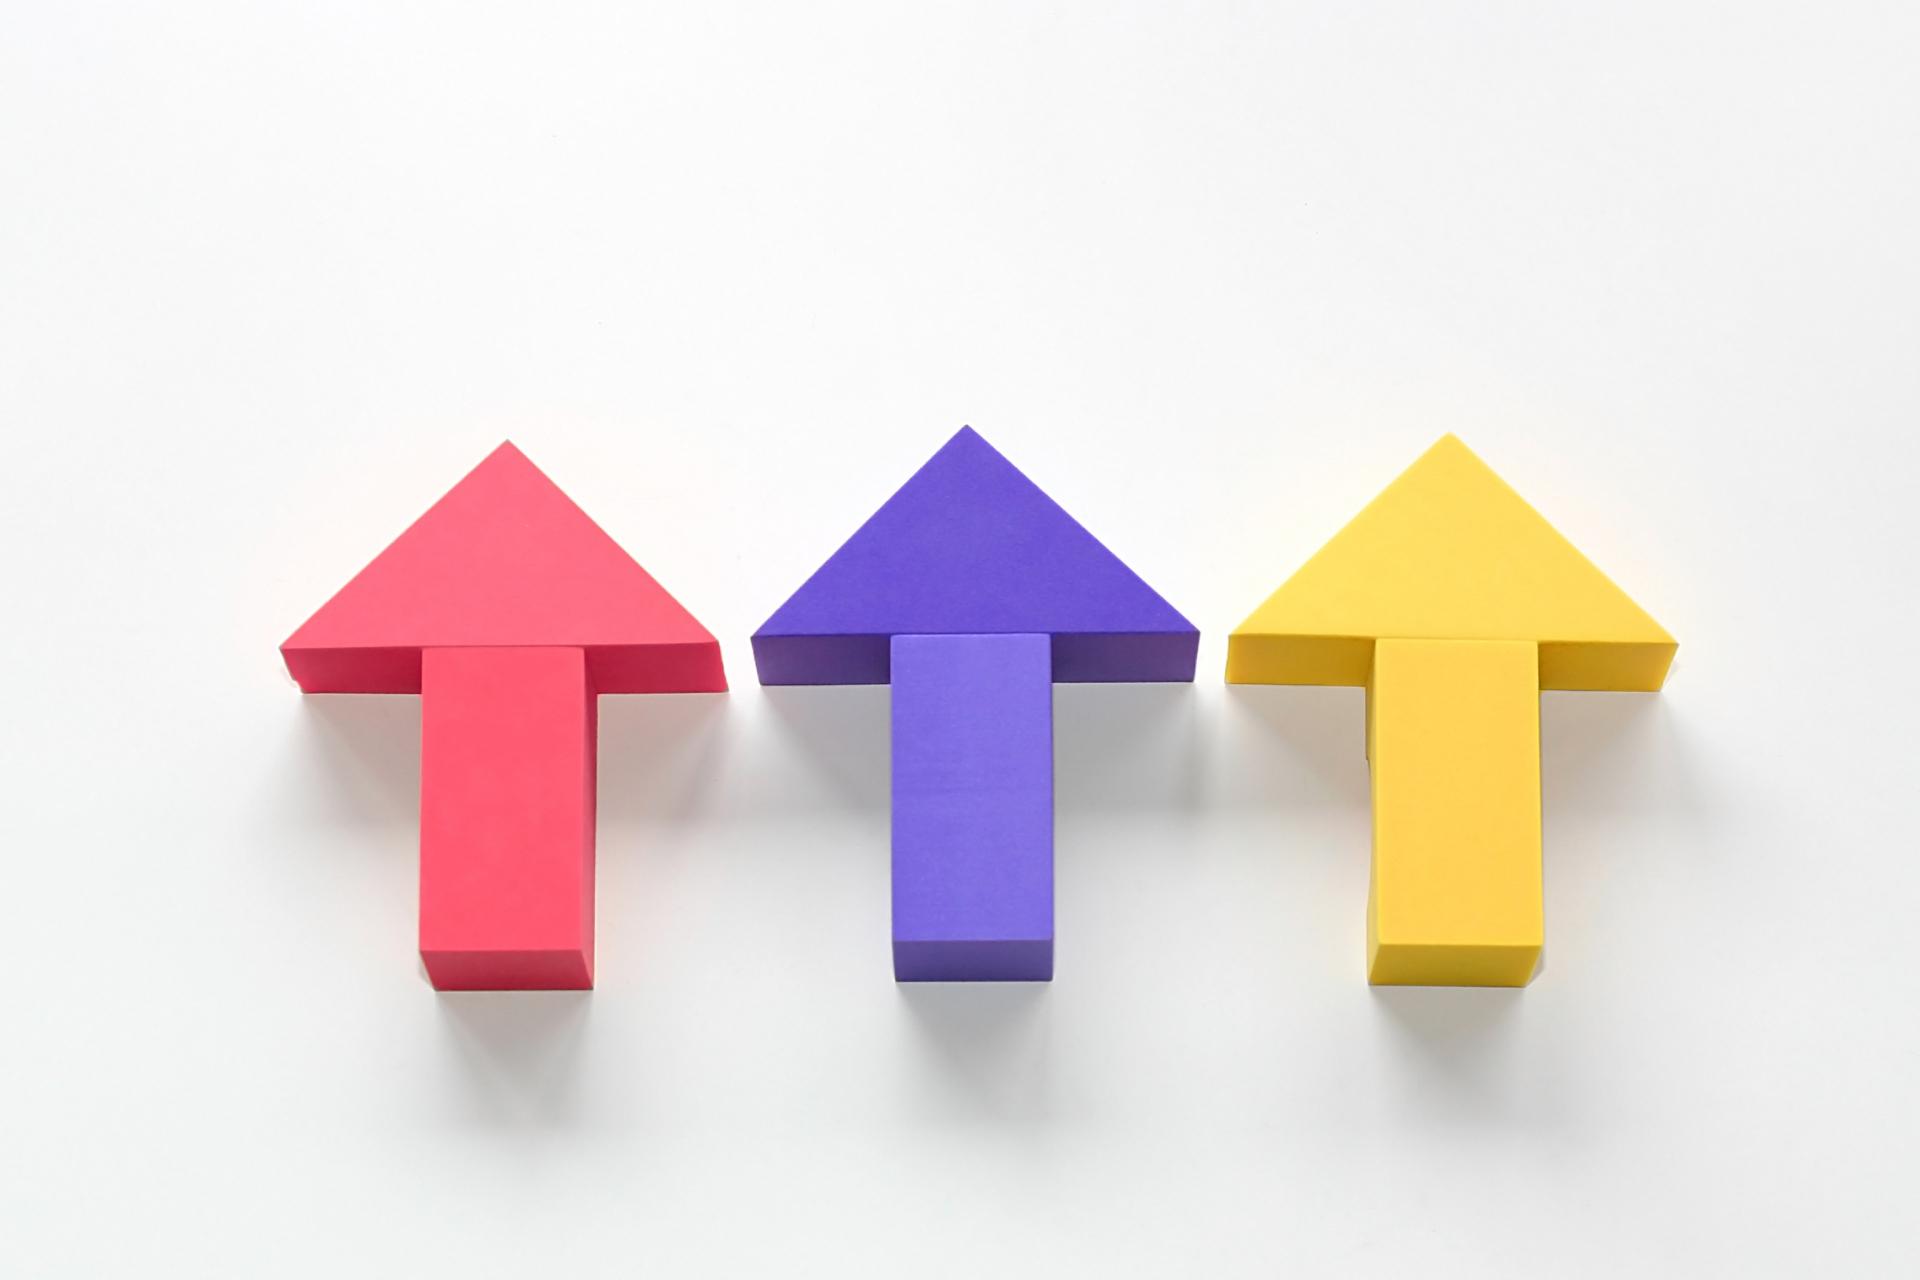 コロナショック、株価が持ち直す3つの条件